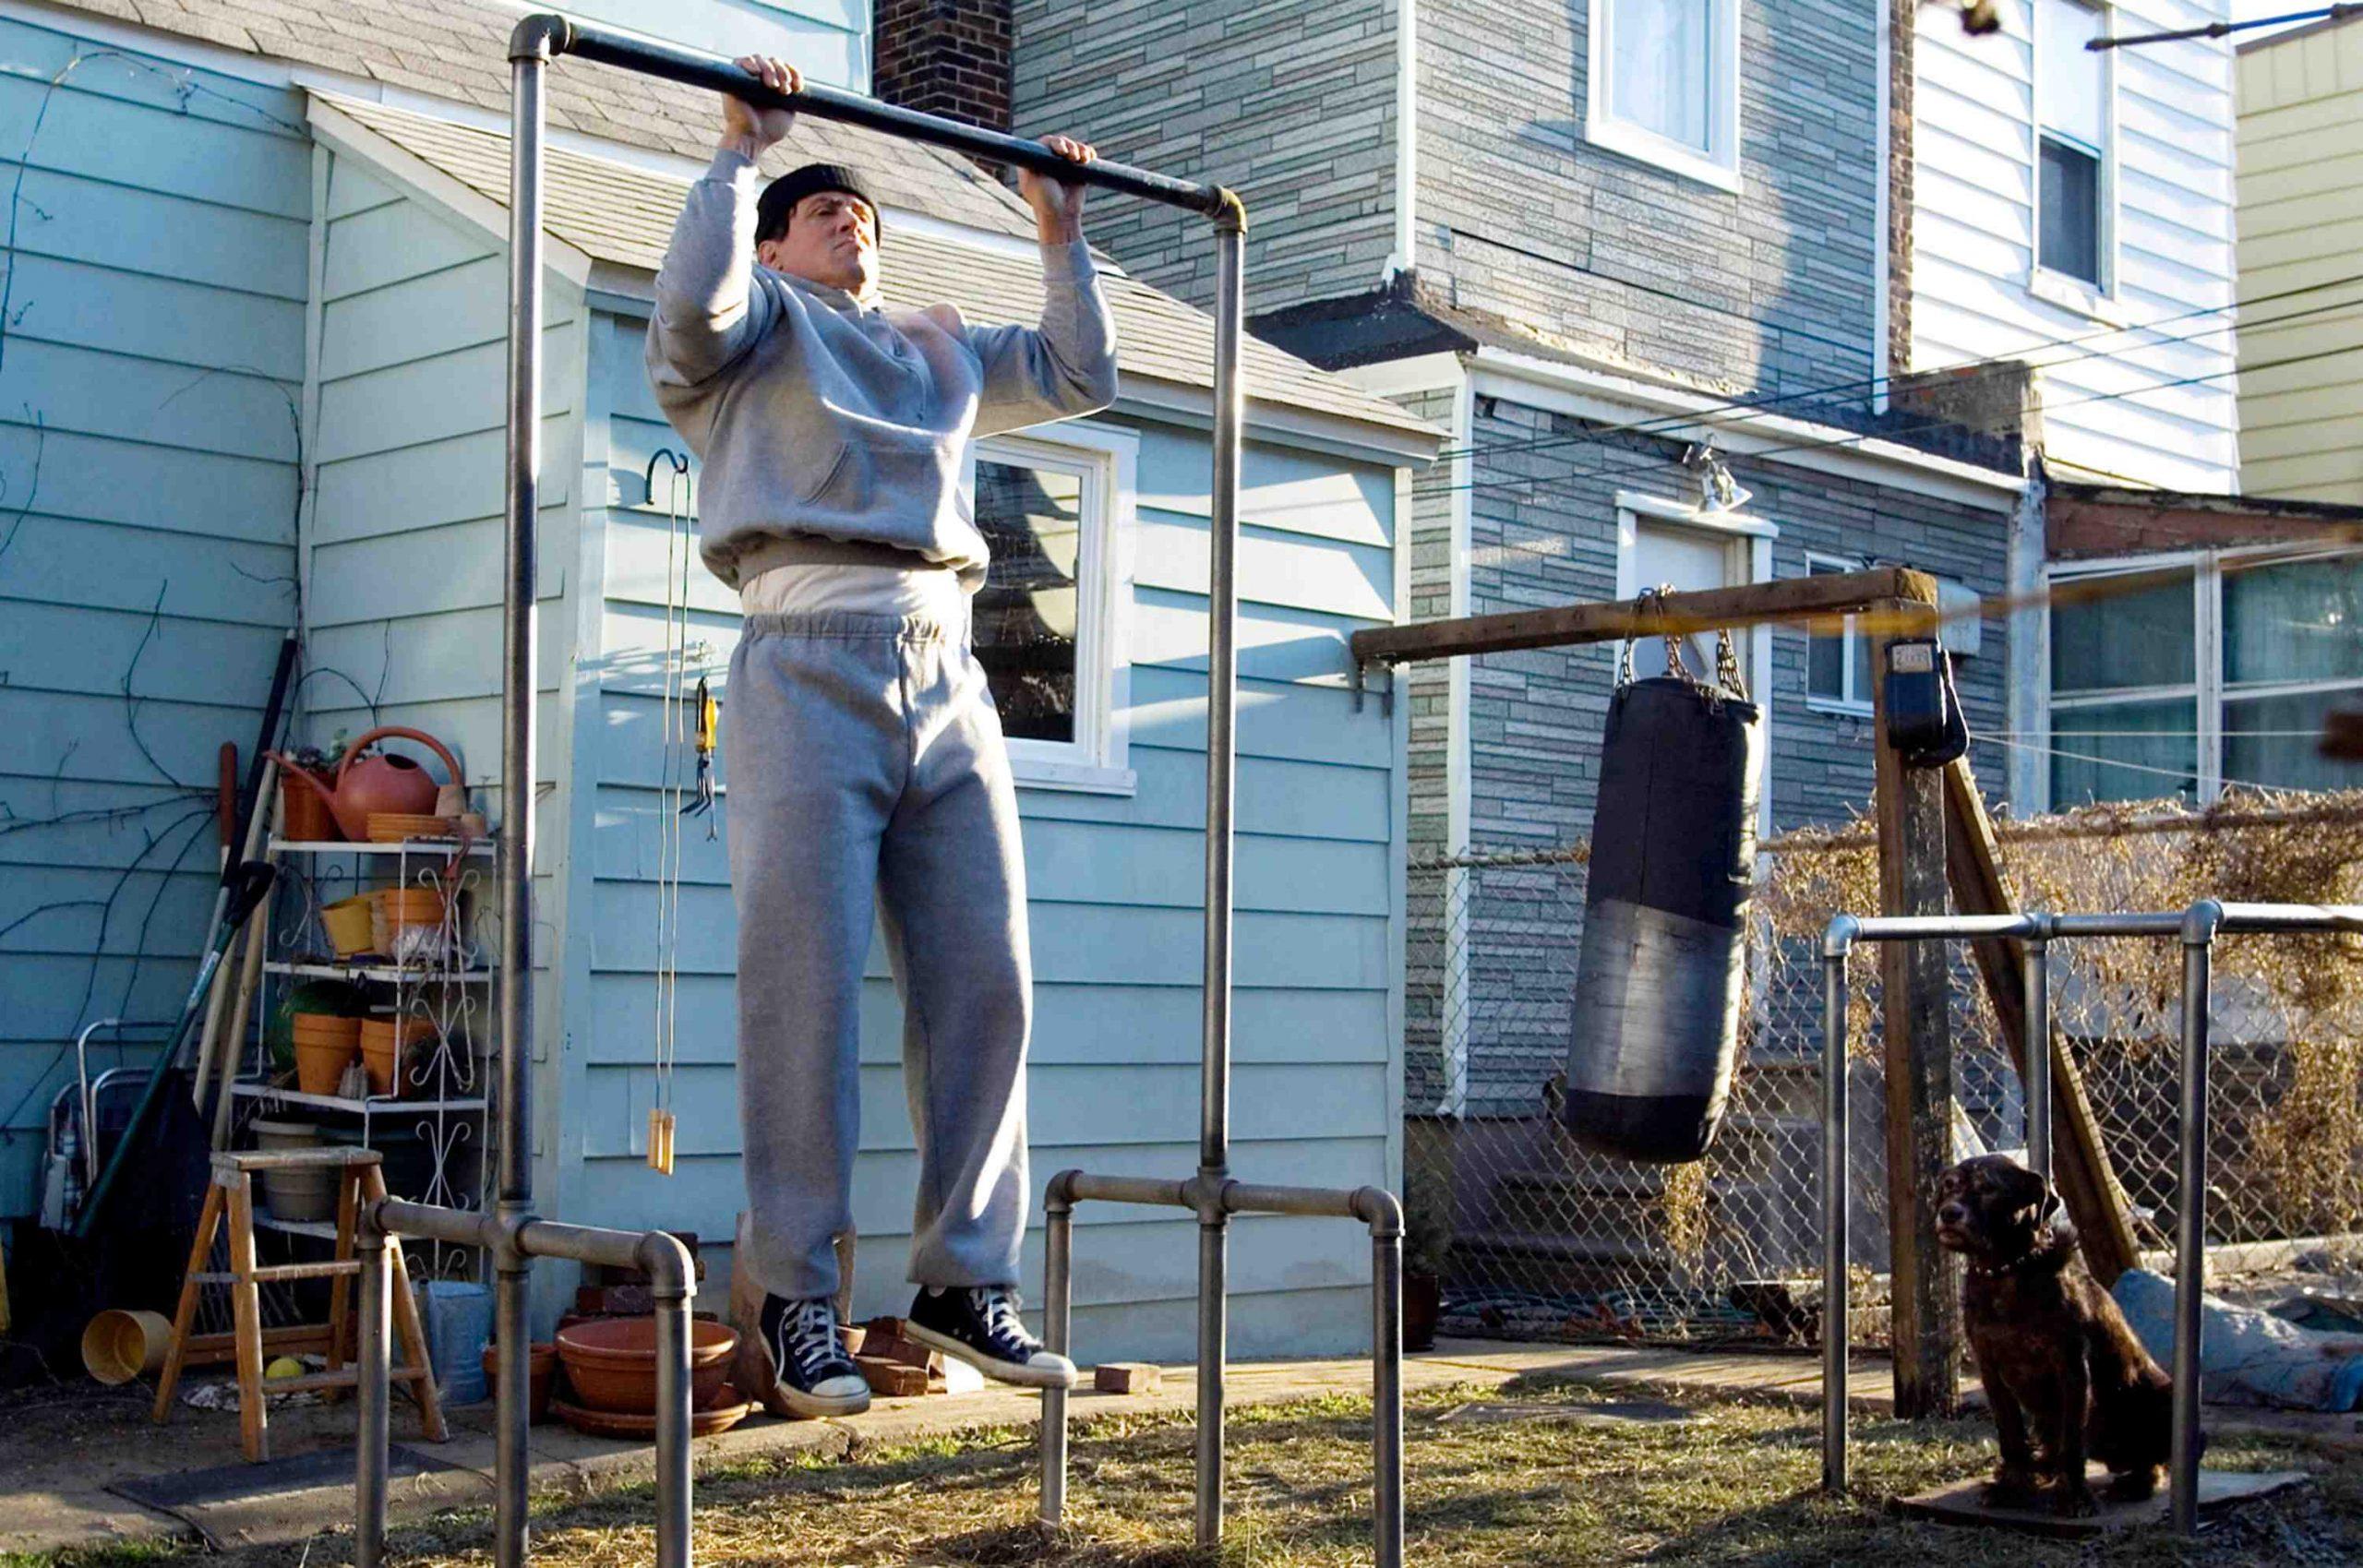 Comment faire des tractions à la maison sans barre ?